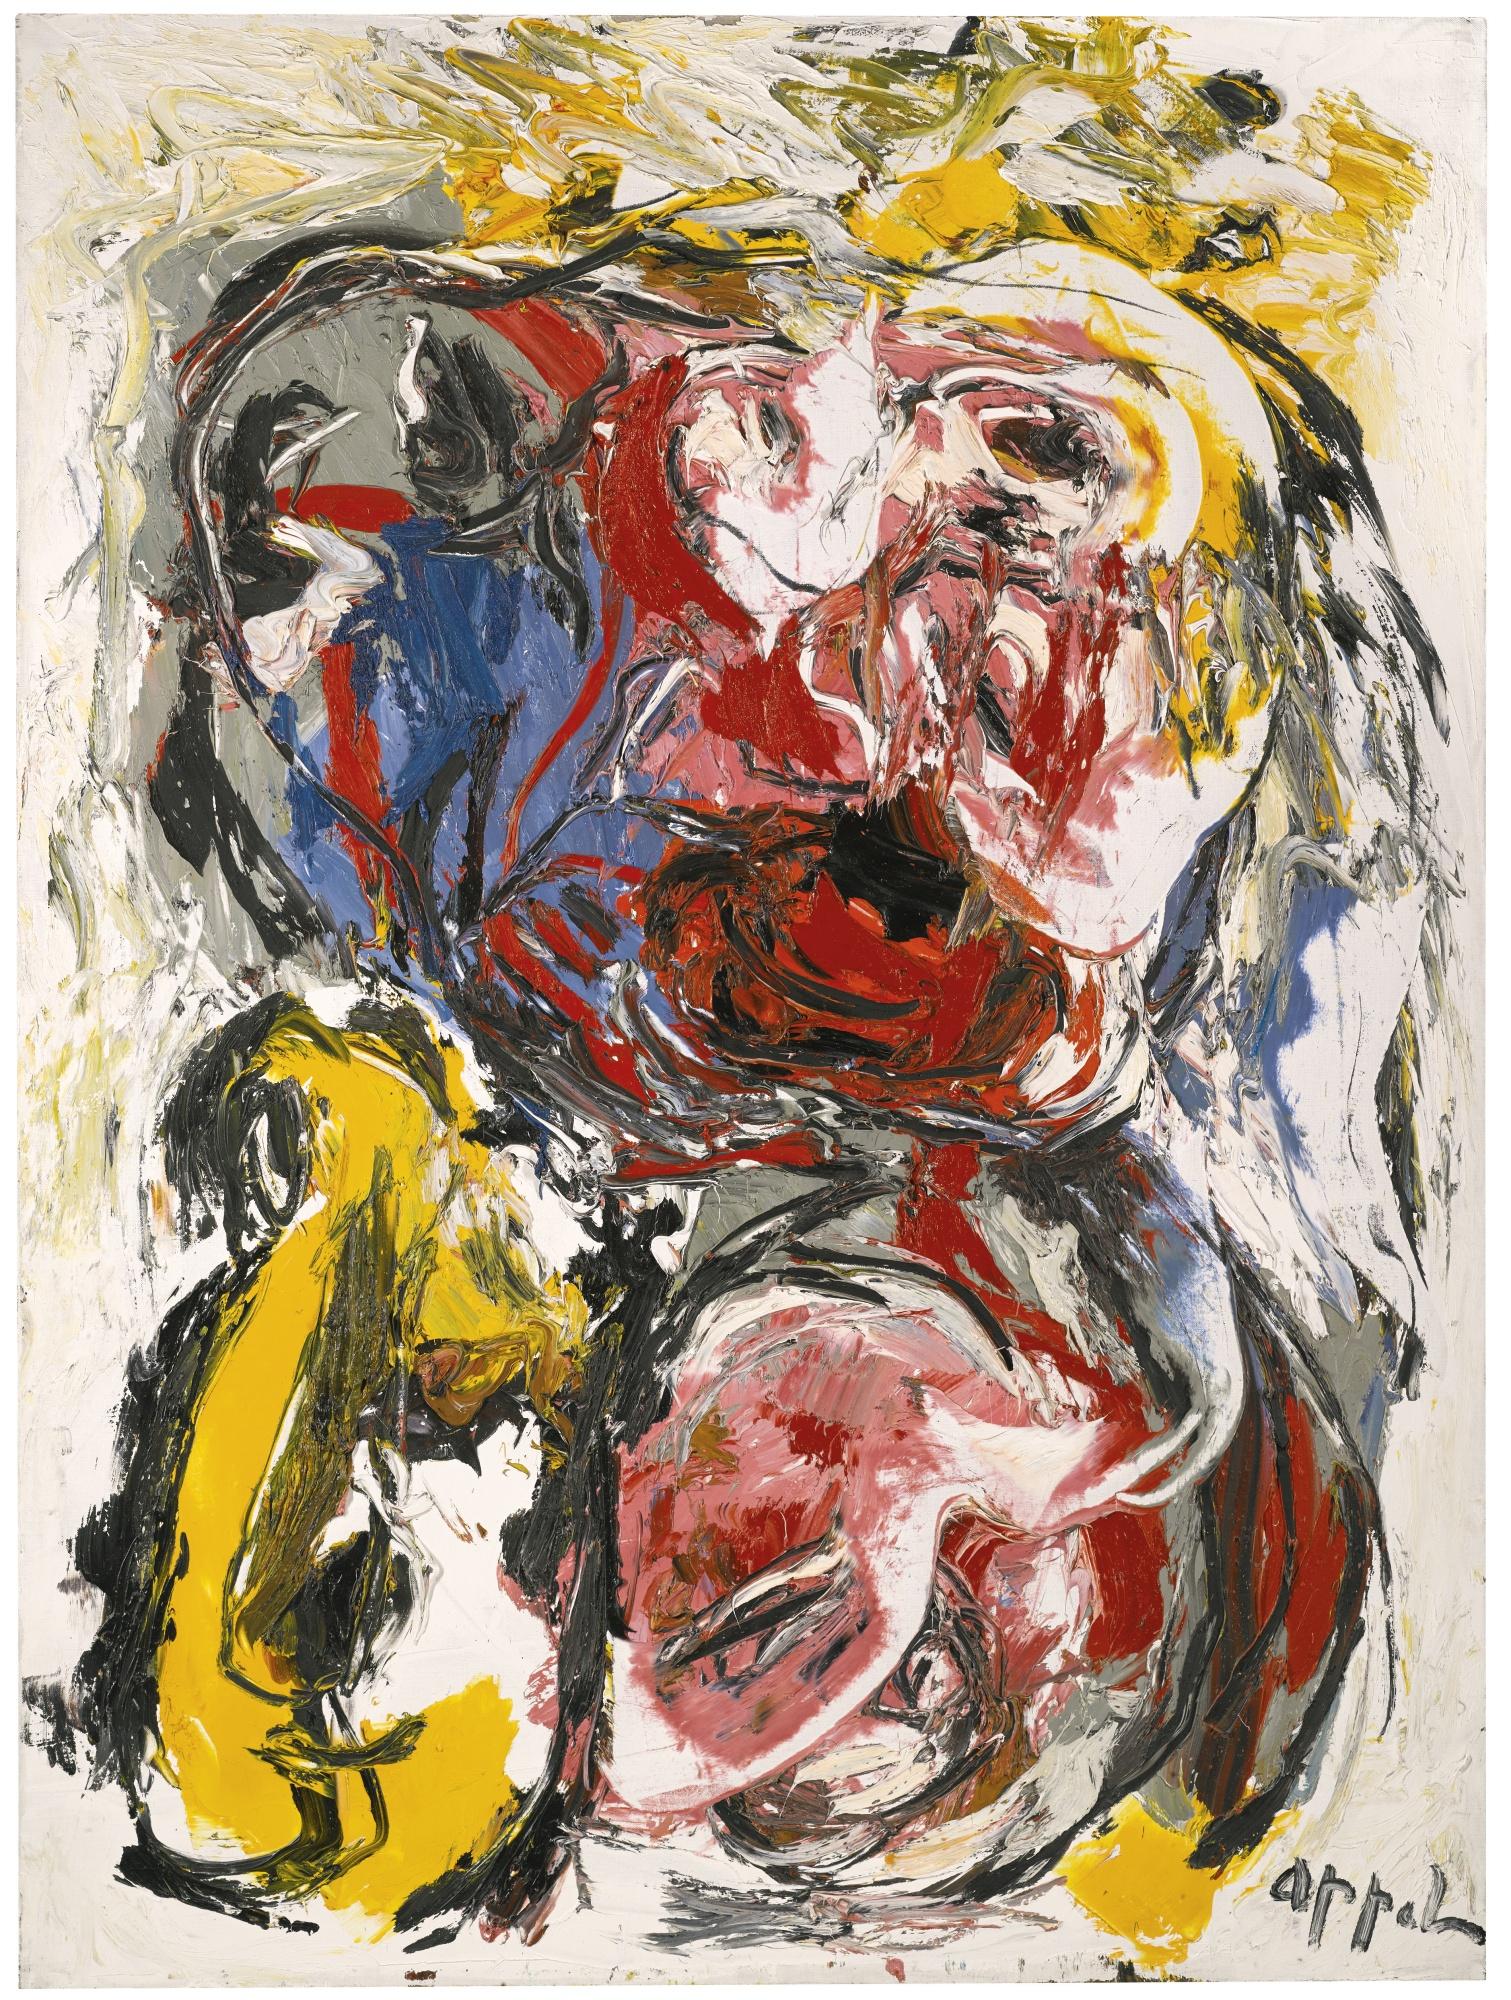 Karel Appel-Le Visage-1962